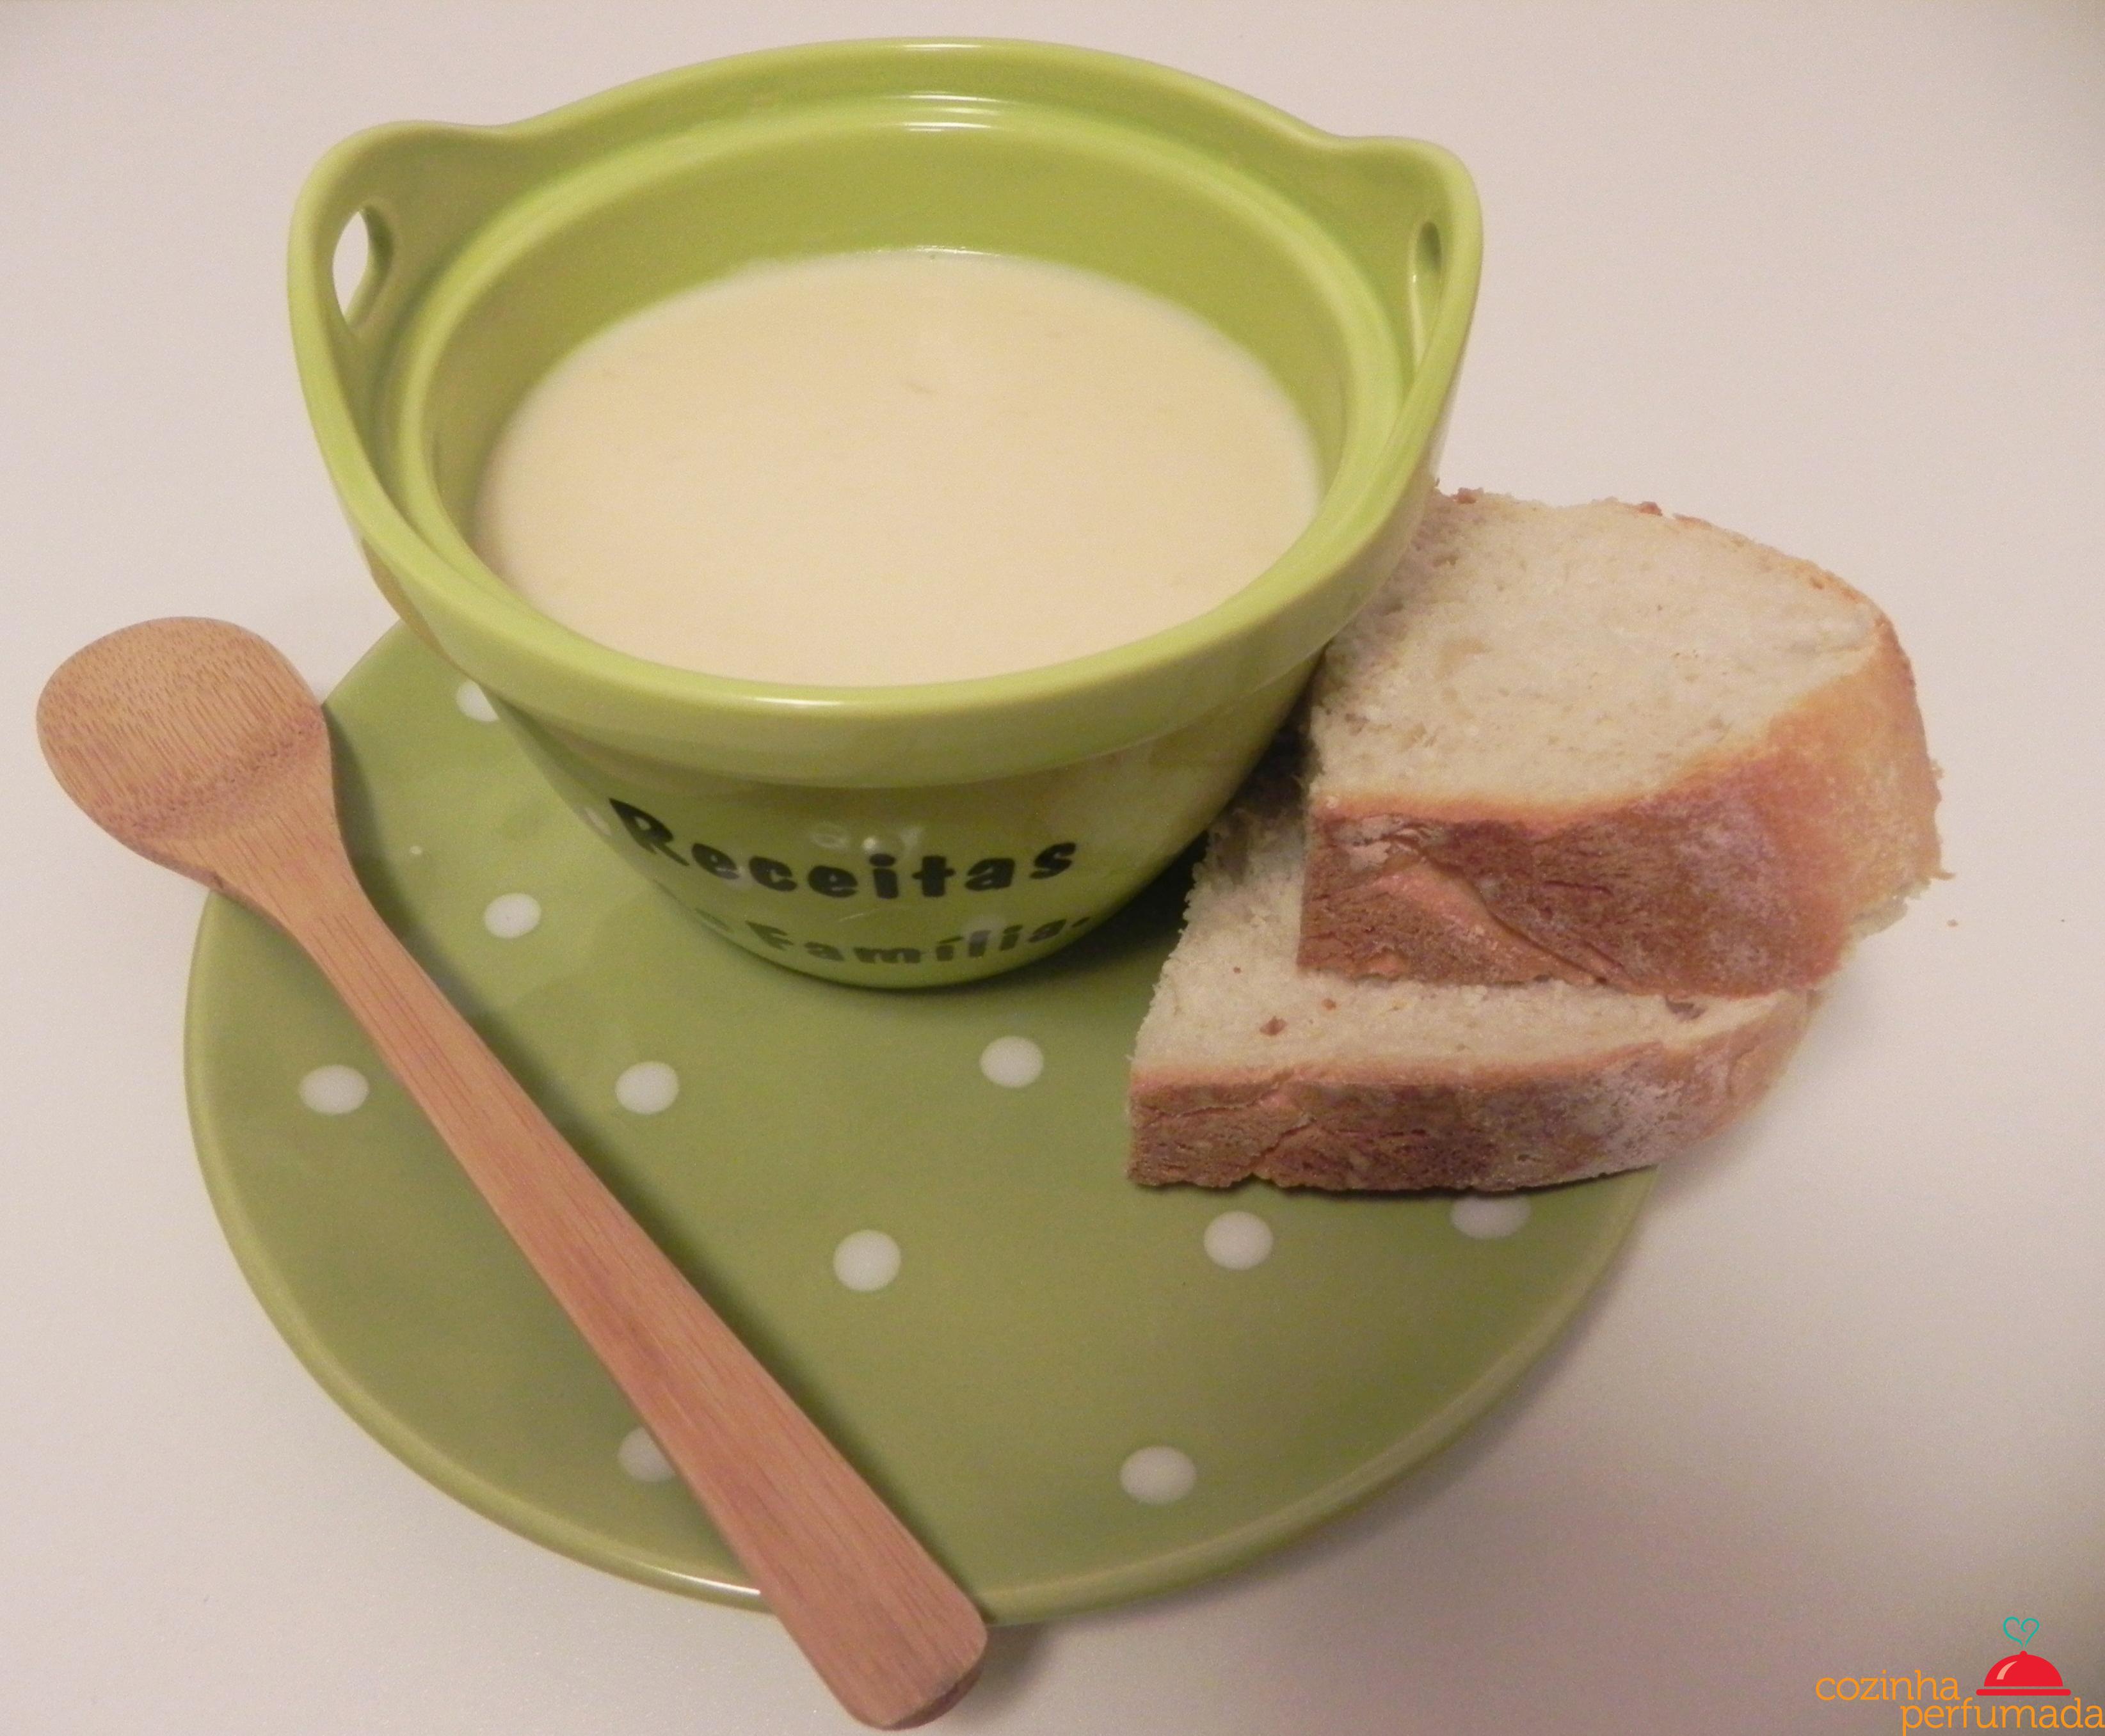 Creme de queijo - http://www.cozinhaperfumada.com/2012/03/creme-de-queijo.html